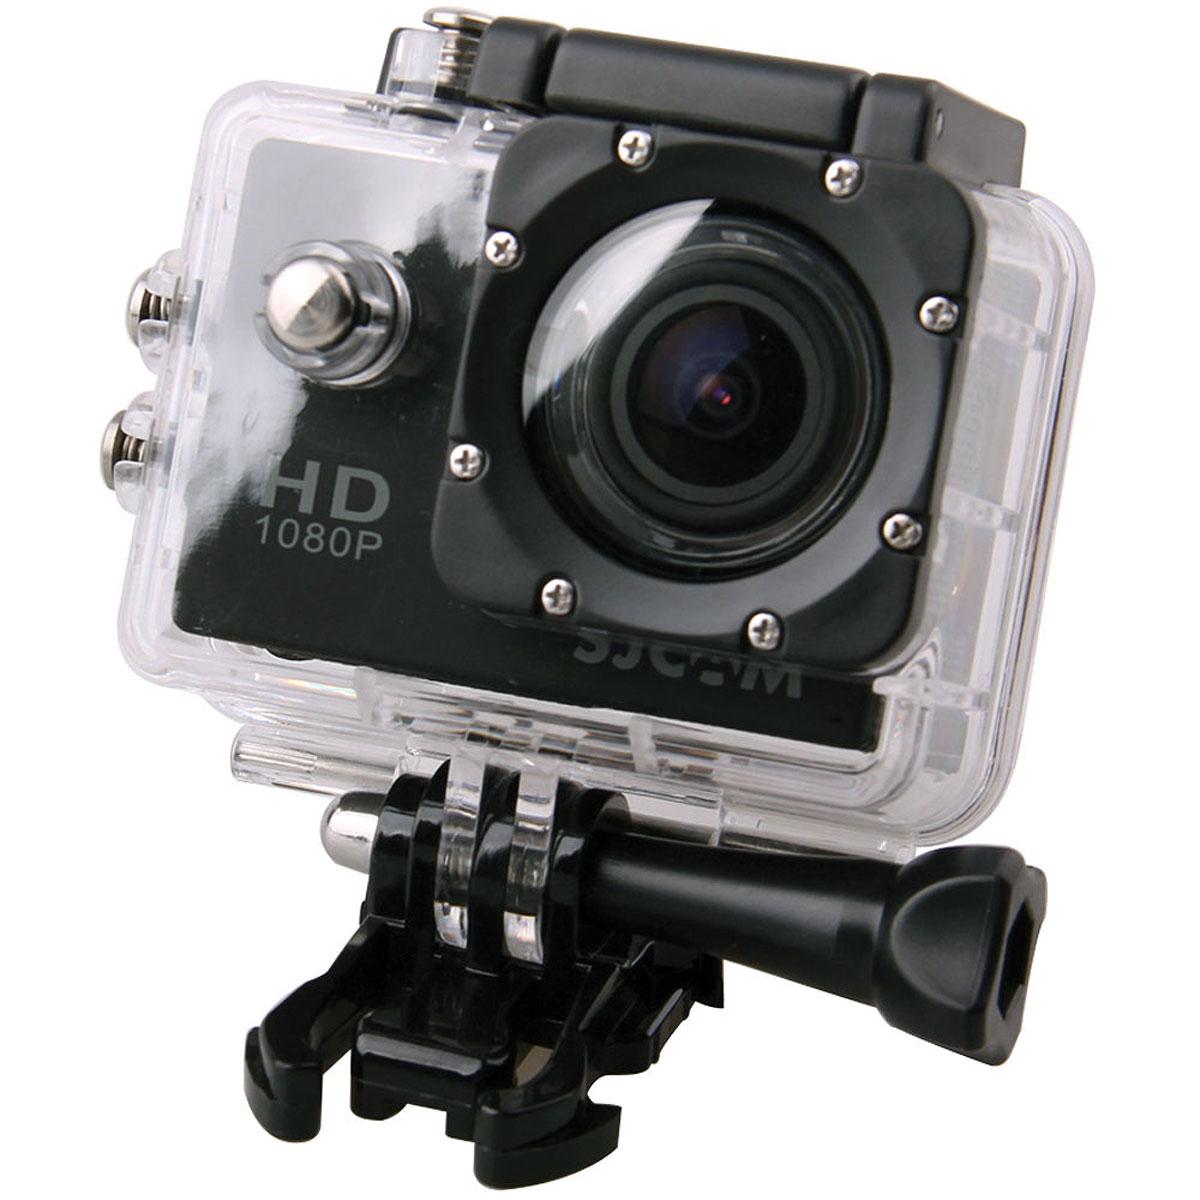 SJCAM SJ4000, Black экшн-камераSJ4000BlackSJCAM SJ4000 - это недорогой и качественный аналог GoPro. С ее помощью можно снимать экстремальные события, закрепив камеру в удобном месте. Вы также можете делать впечатляющие съёмки под водой на глубине до 30 метров благодаря водонепроницаемому боксу в комплекте. Благодаря режиму цейтаоферной съёмки камера SJCAM может сжимать многочасовые события (например, расцветающую розу) до нескольких секунд. Теперь восход солнца после съёмки произойдёт прямо на глазах ваших друзей! SJCAM SJ4000 может быть использована в качестве видеорегистратора благодаря возможности циклической записи. Для этого разместите её на стекле автомобиля с помощью специального крепления и нажмите на кнопку записи. Данную модель можно использовать и в качестве Full HD веб-камеры. Всё, что необходимо сделать - это подключить SJCAM к компьютеру через кабель USB и запустить Skype. Камера SJ4000 подойдёт практически для любых видов спорта. В комплекте вы найдёте...